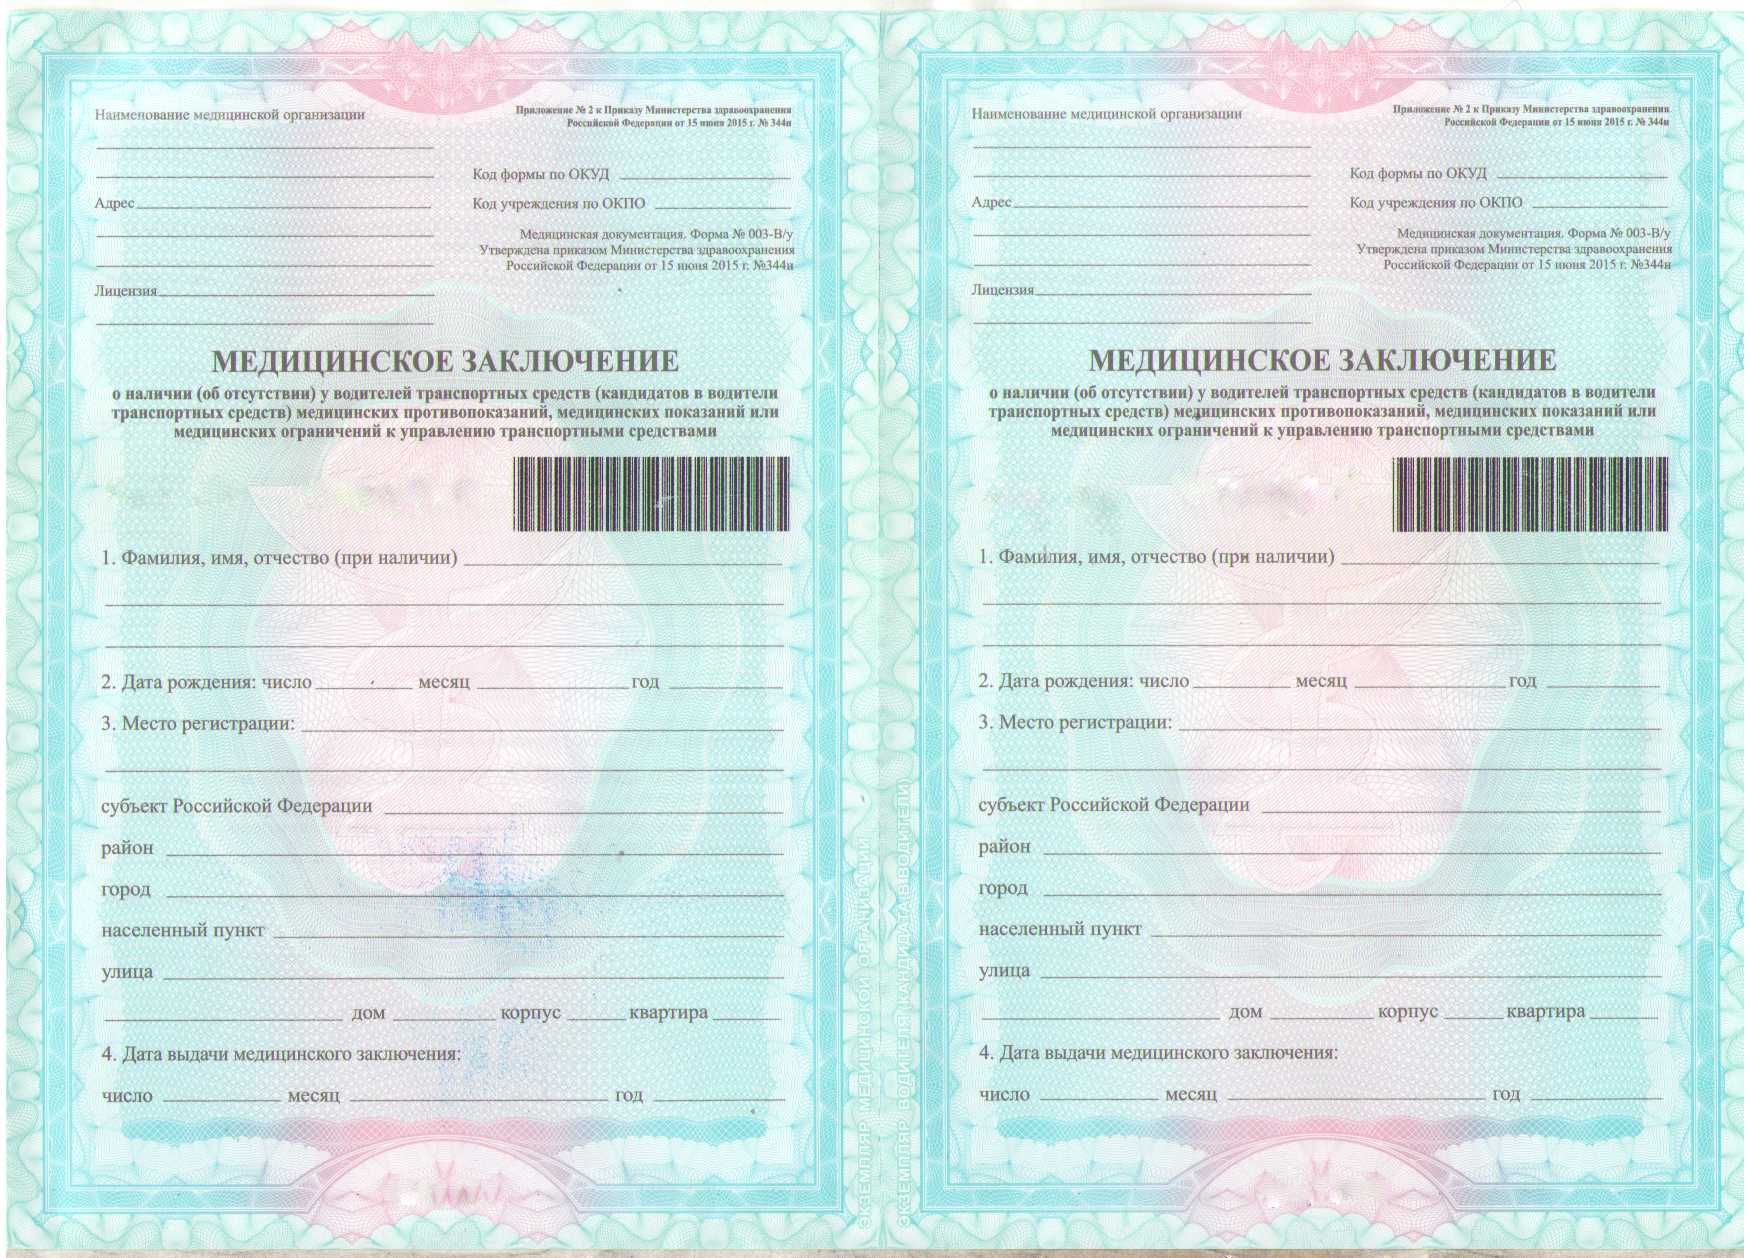 водительская медицинская справка без прохождения диспансеров можно ли оформить ипотеку без первоначального взноса в сбербанке baikalinvestbank-24.ru